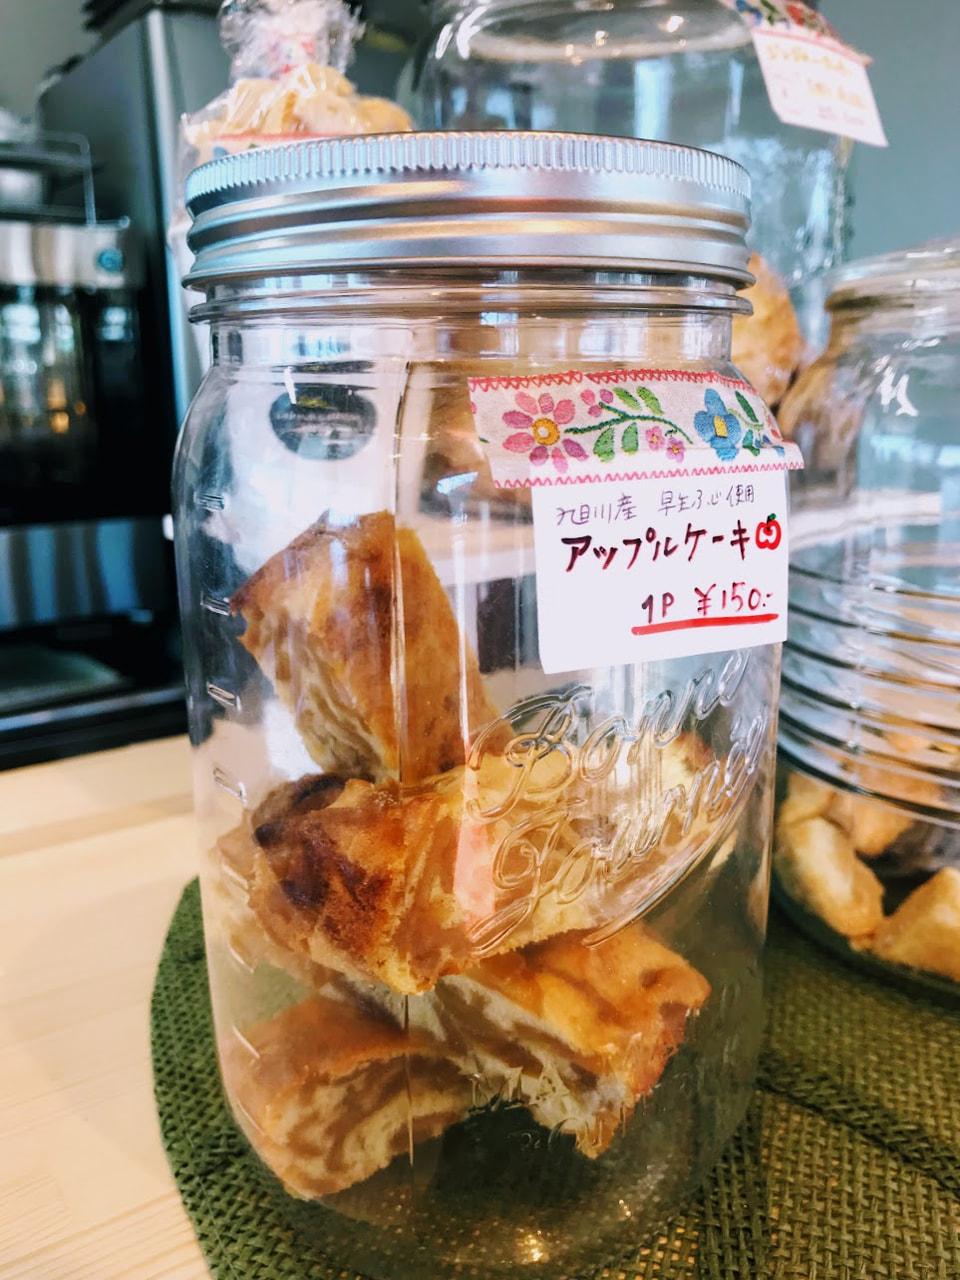 アップルケーキ人気上昇中!!